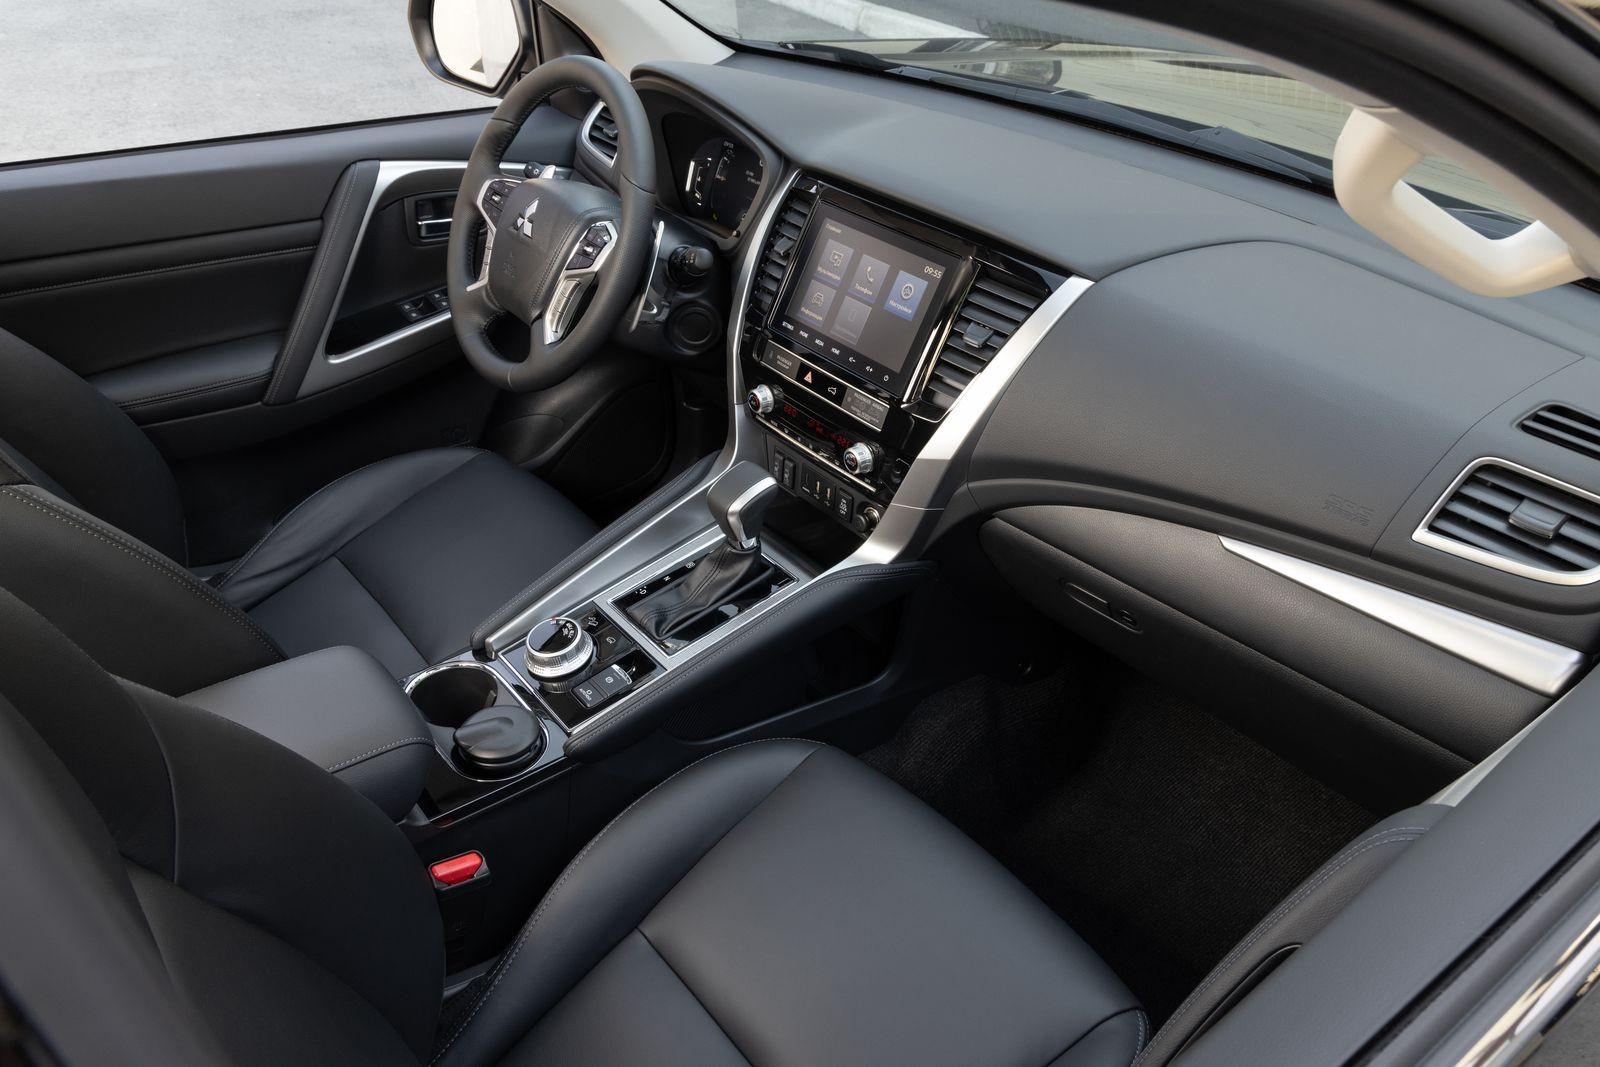 Цифровые приборы и багажник с сервоприводом: тест нового Mitsubishi Pajero Sport